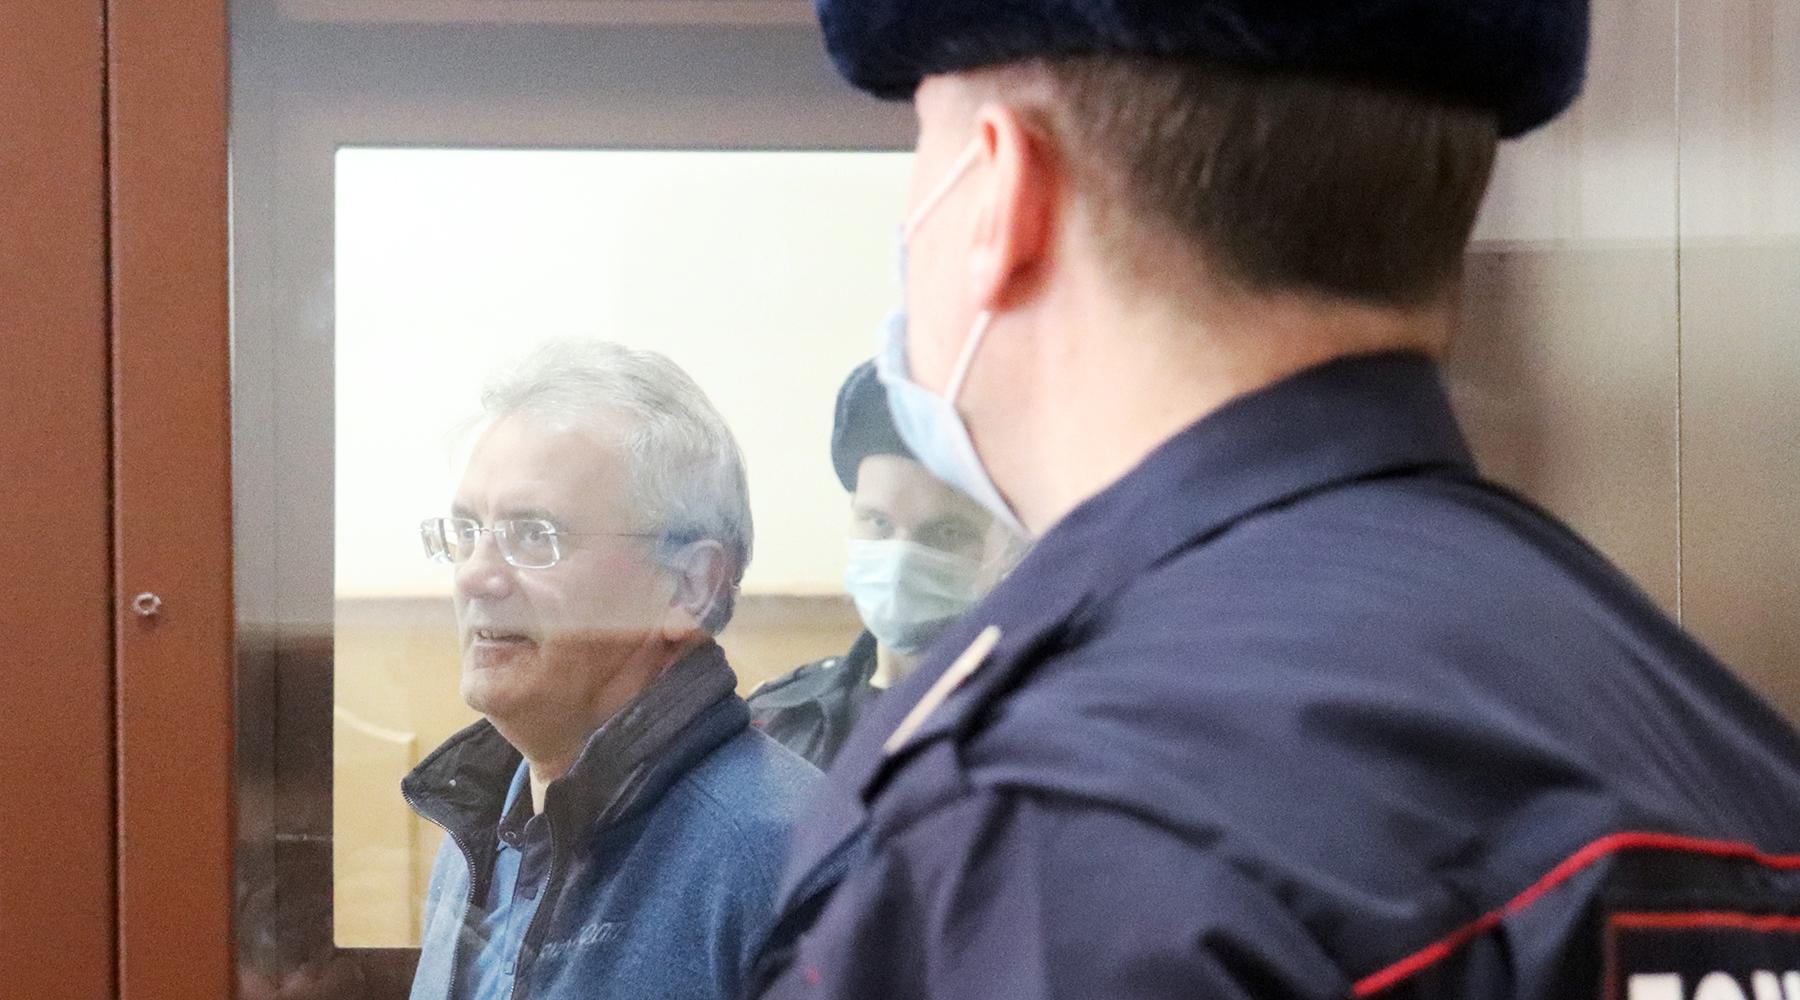 «В связи с утратой доверия»: Путин отправил в отставку арестованного губернатора Пензенской области Белозерцева1